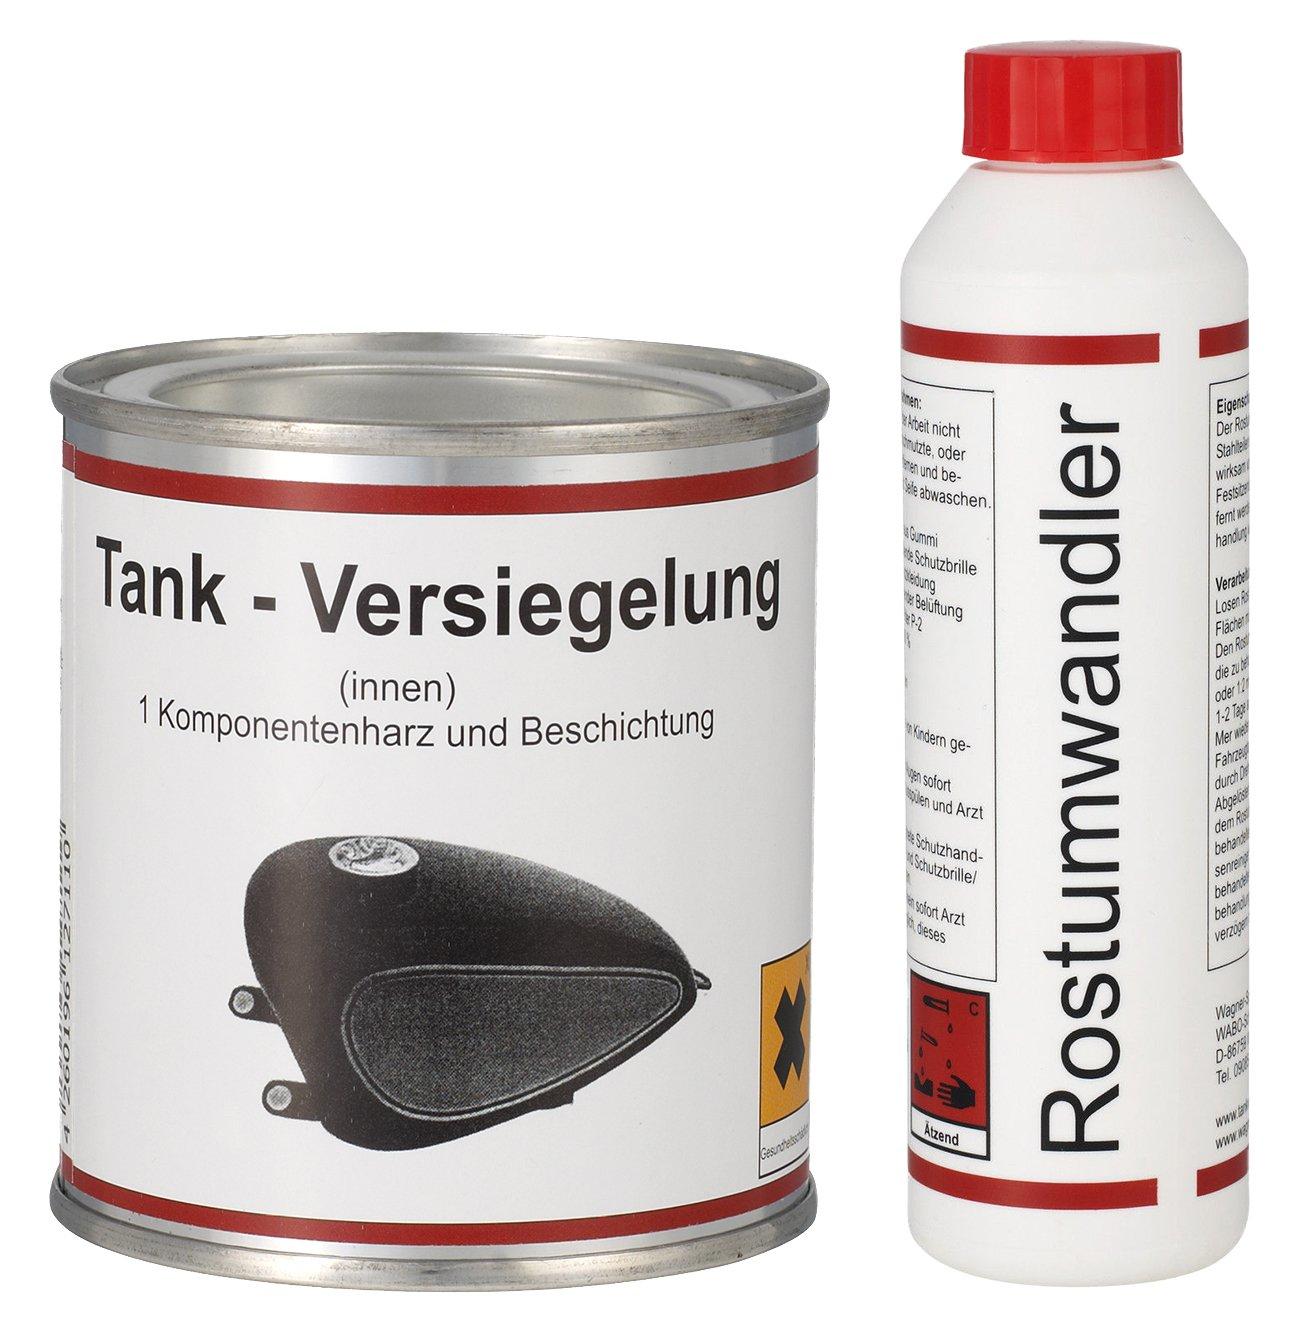 WAGNER Spezialschmierstoffe GmbH & Co. KG GmbH & Co. KG Einkomponentenharz Tankversiegelung 250 ml & Rostumwandler Rostentferner Rostlö ser 250 ml